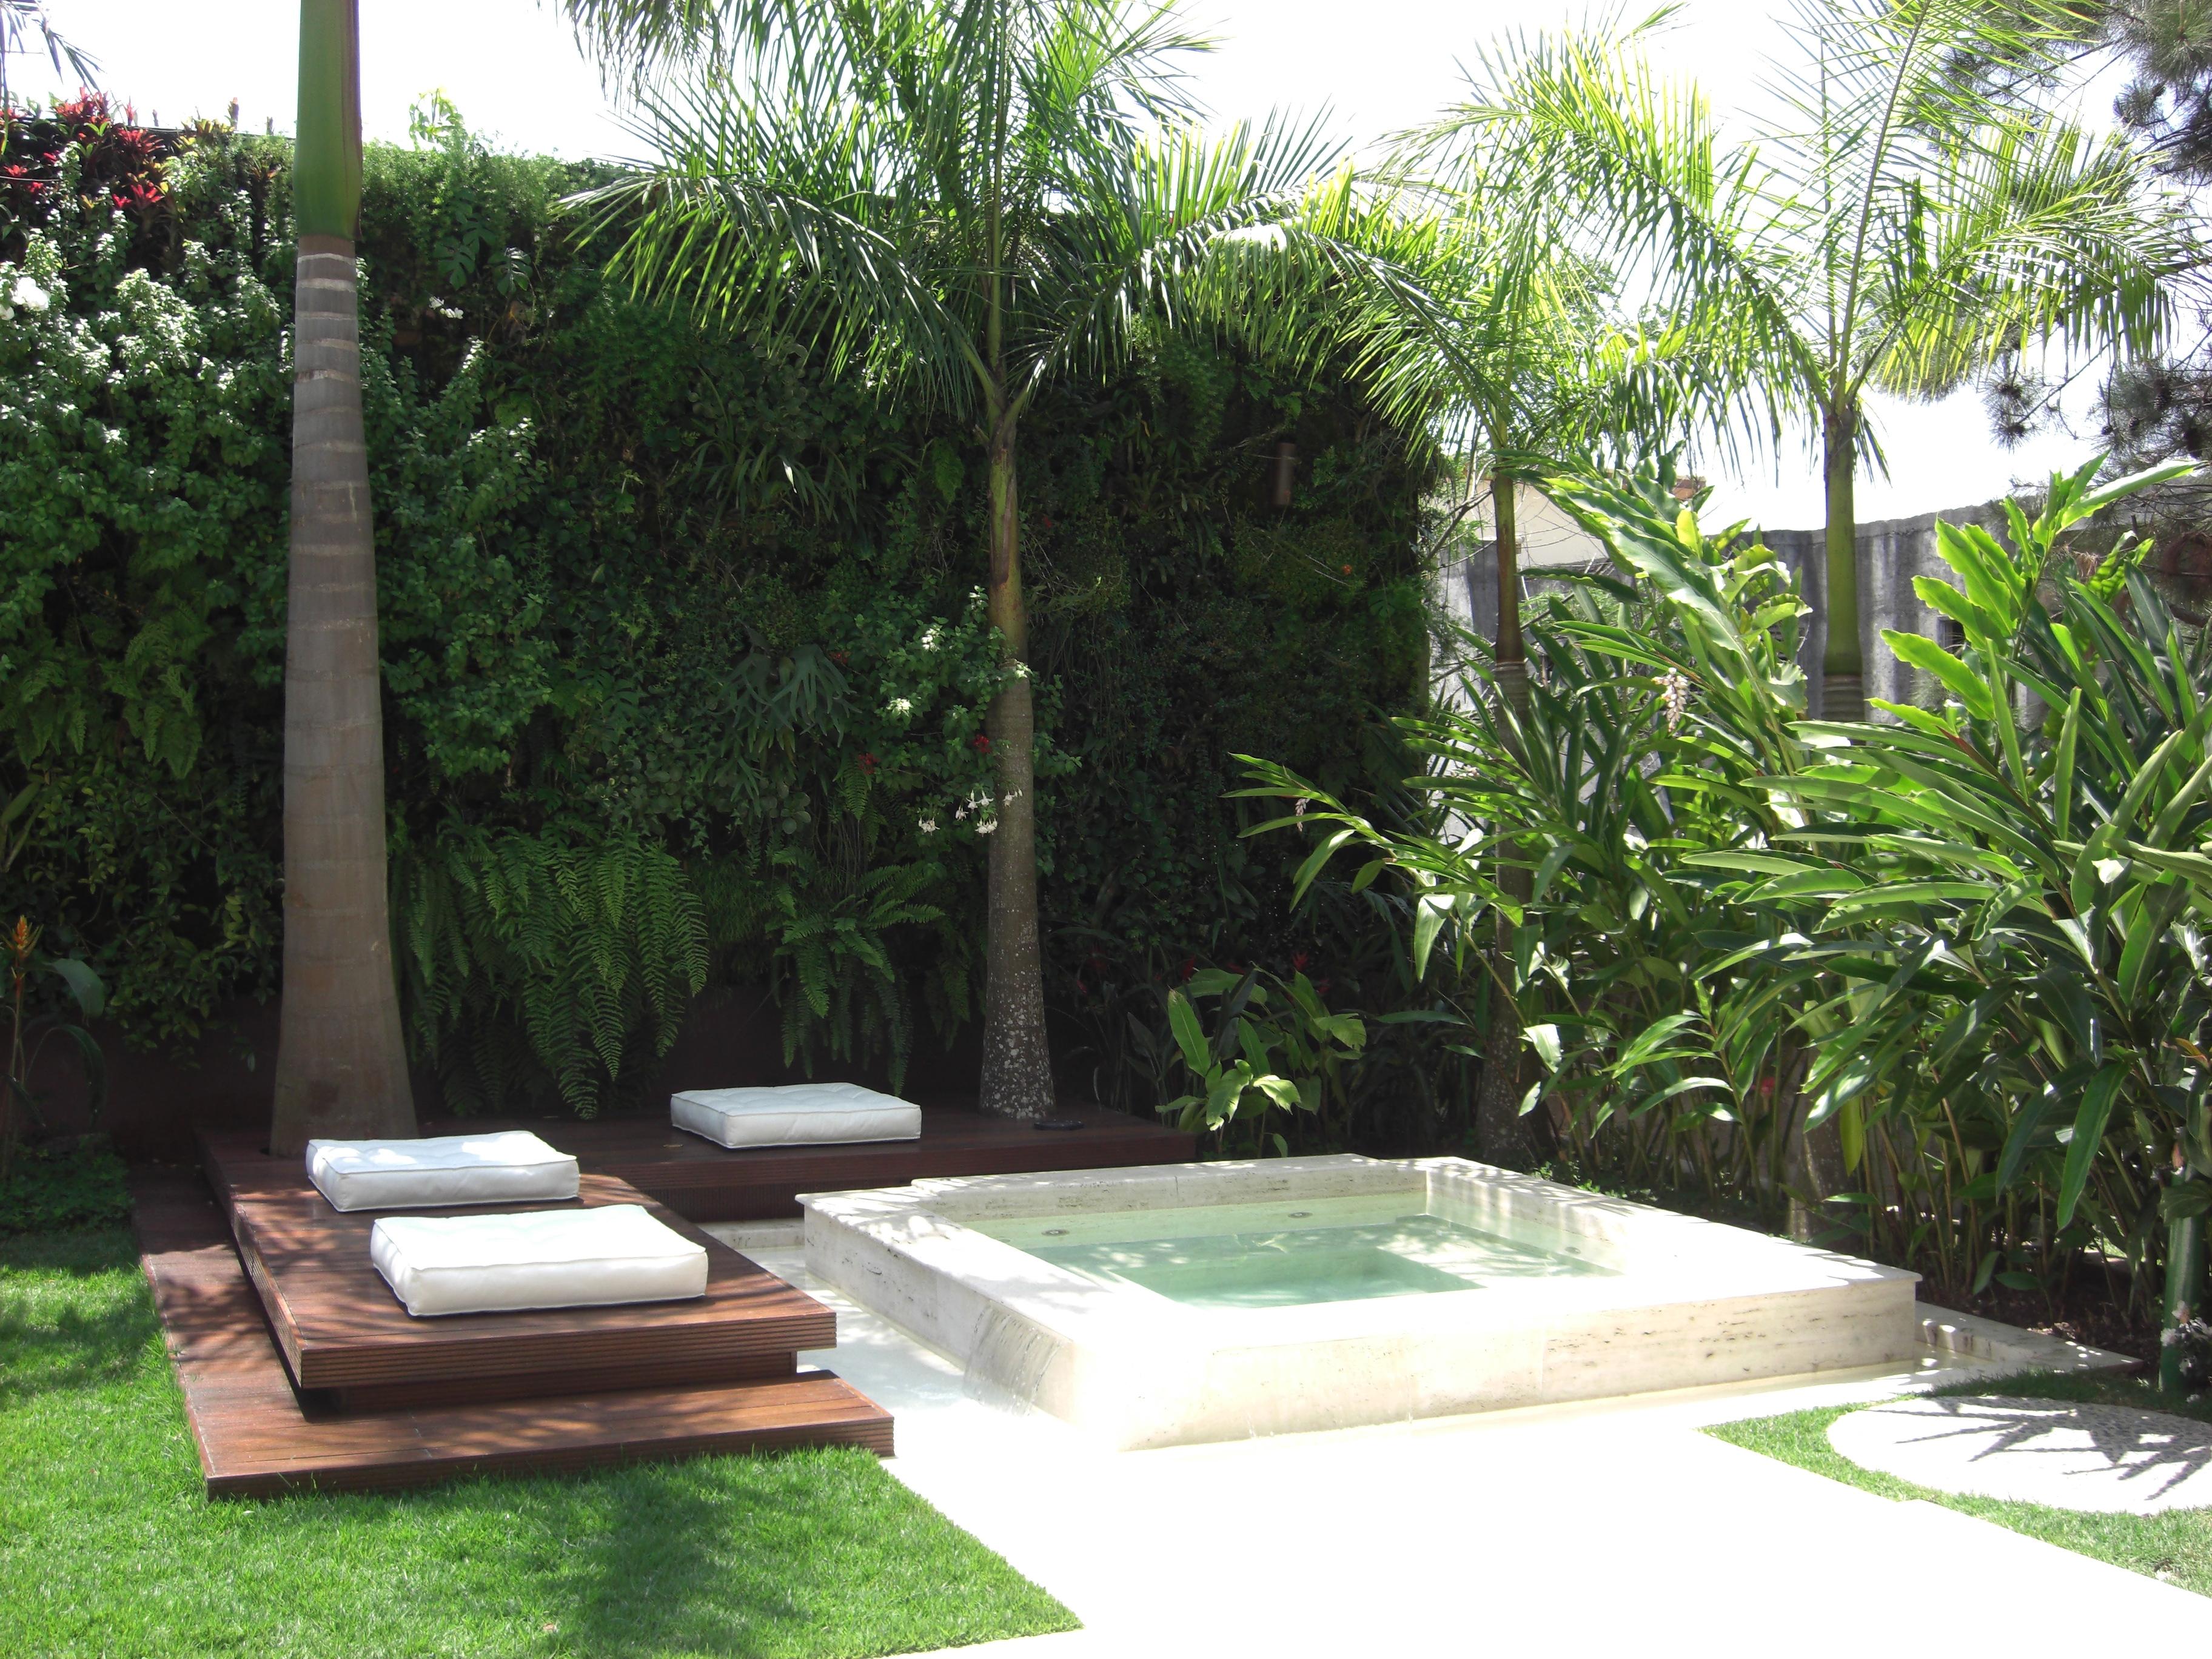 , cuidar e escolher as espécies certas para um lindo jardim vertical